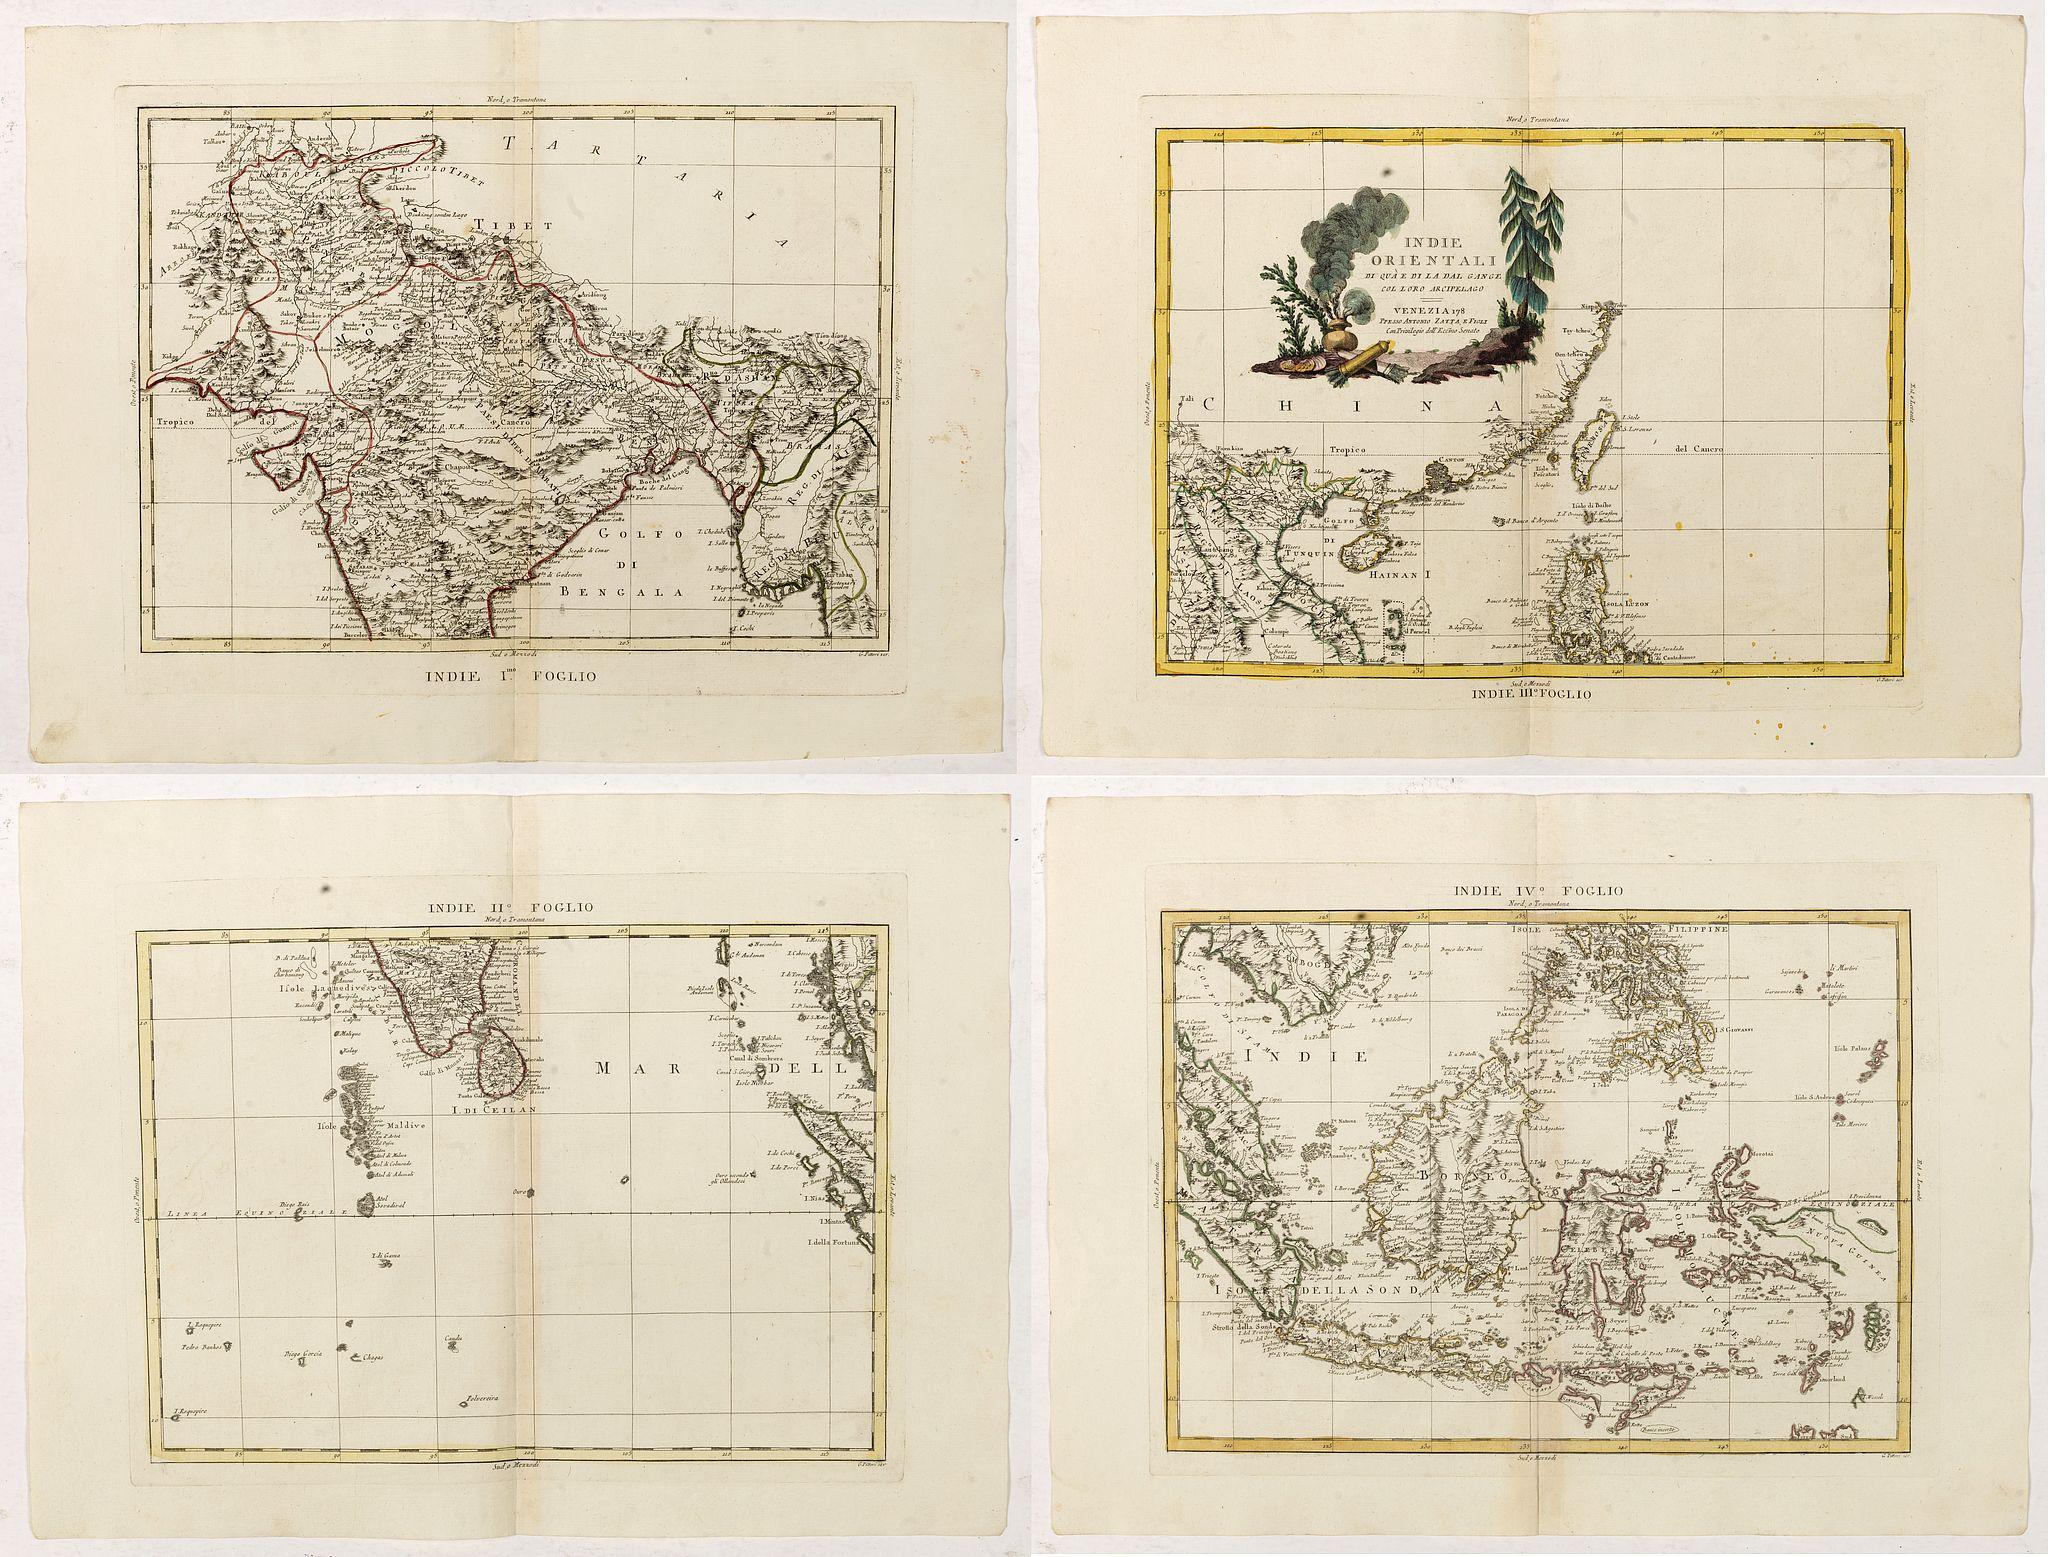 ZATTA, A. -  Indie Orientali di Quà e di la Dal Gange col Loro Arcipelago. [Set of 4 maps]